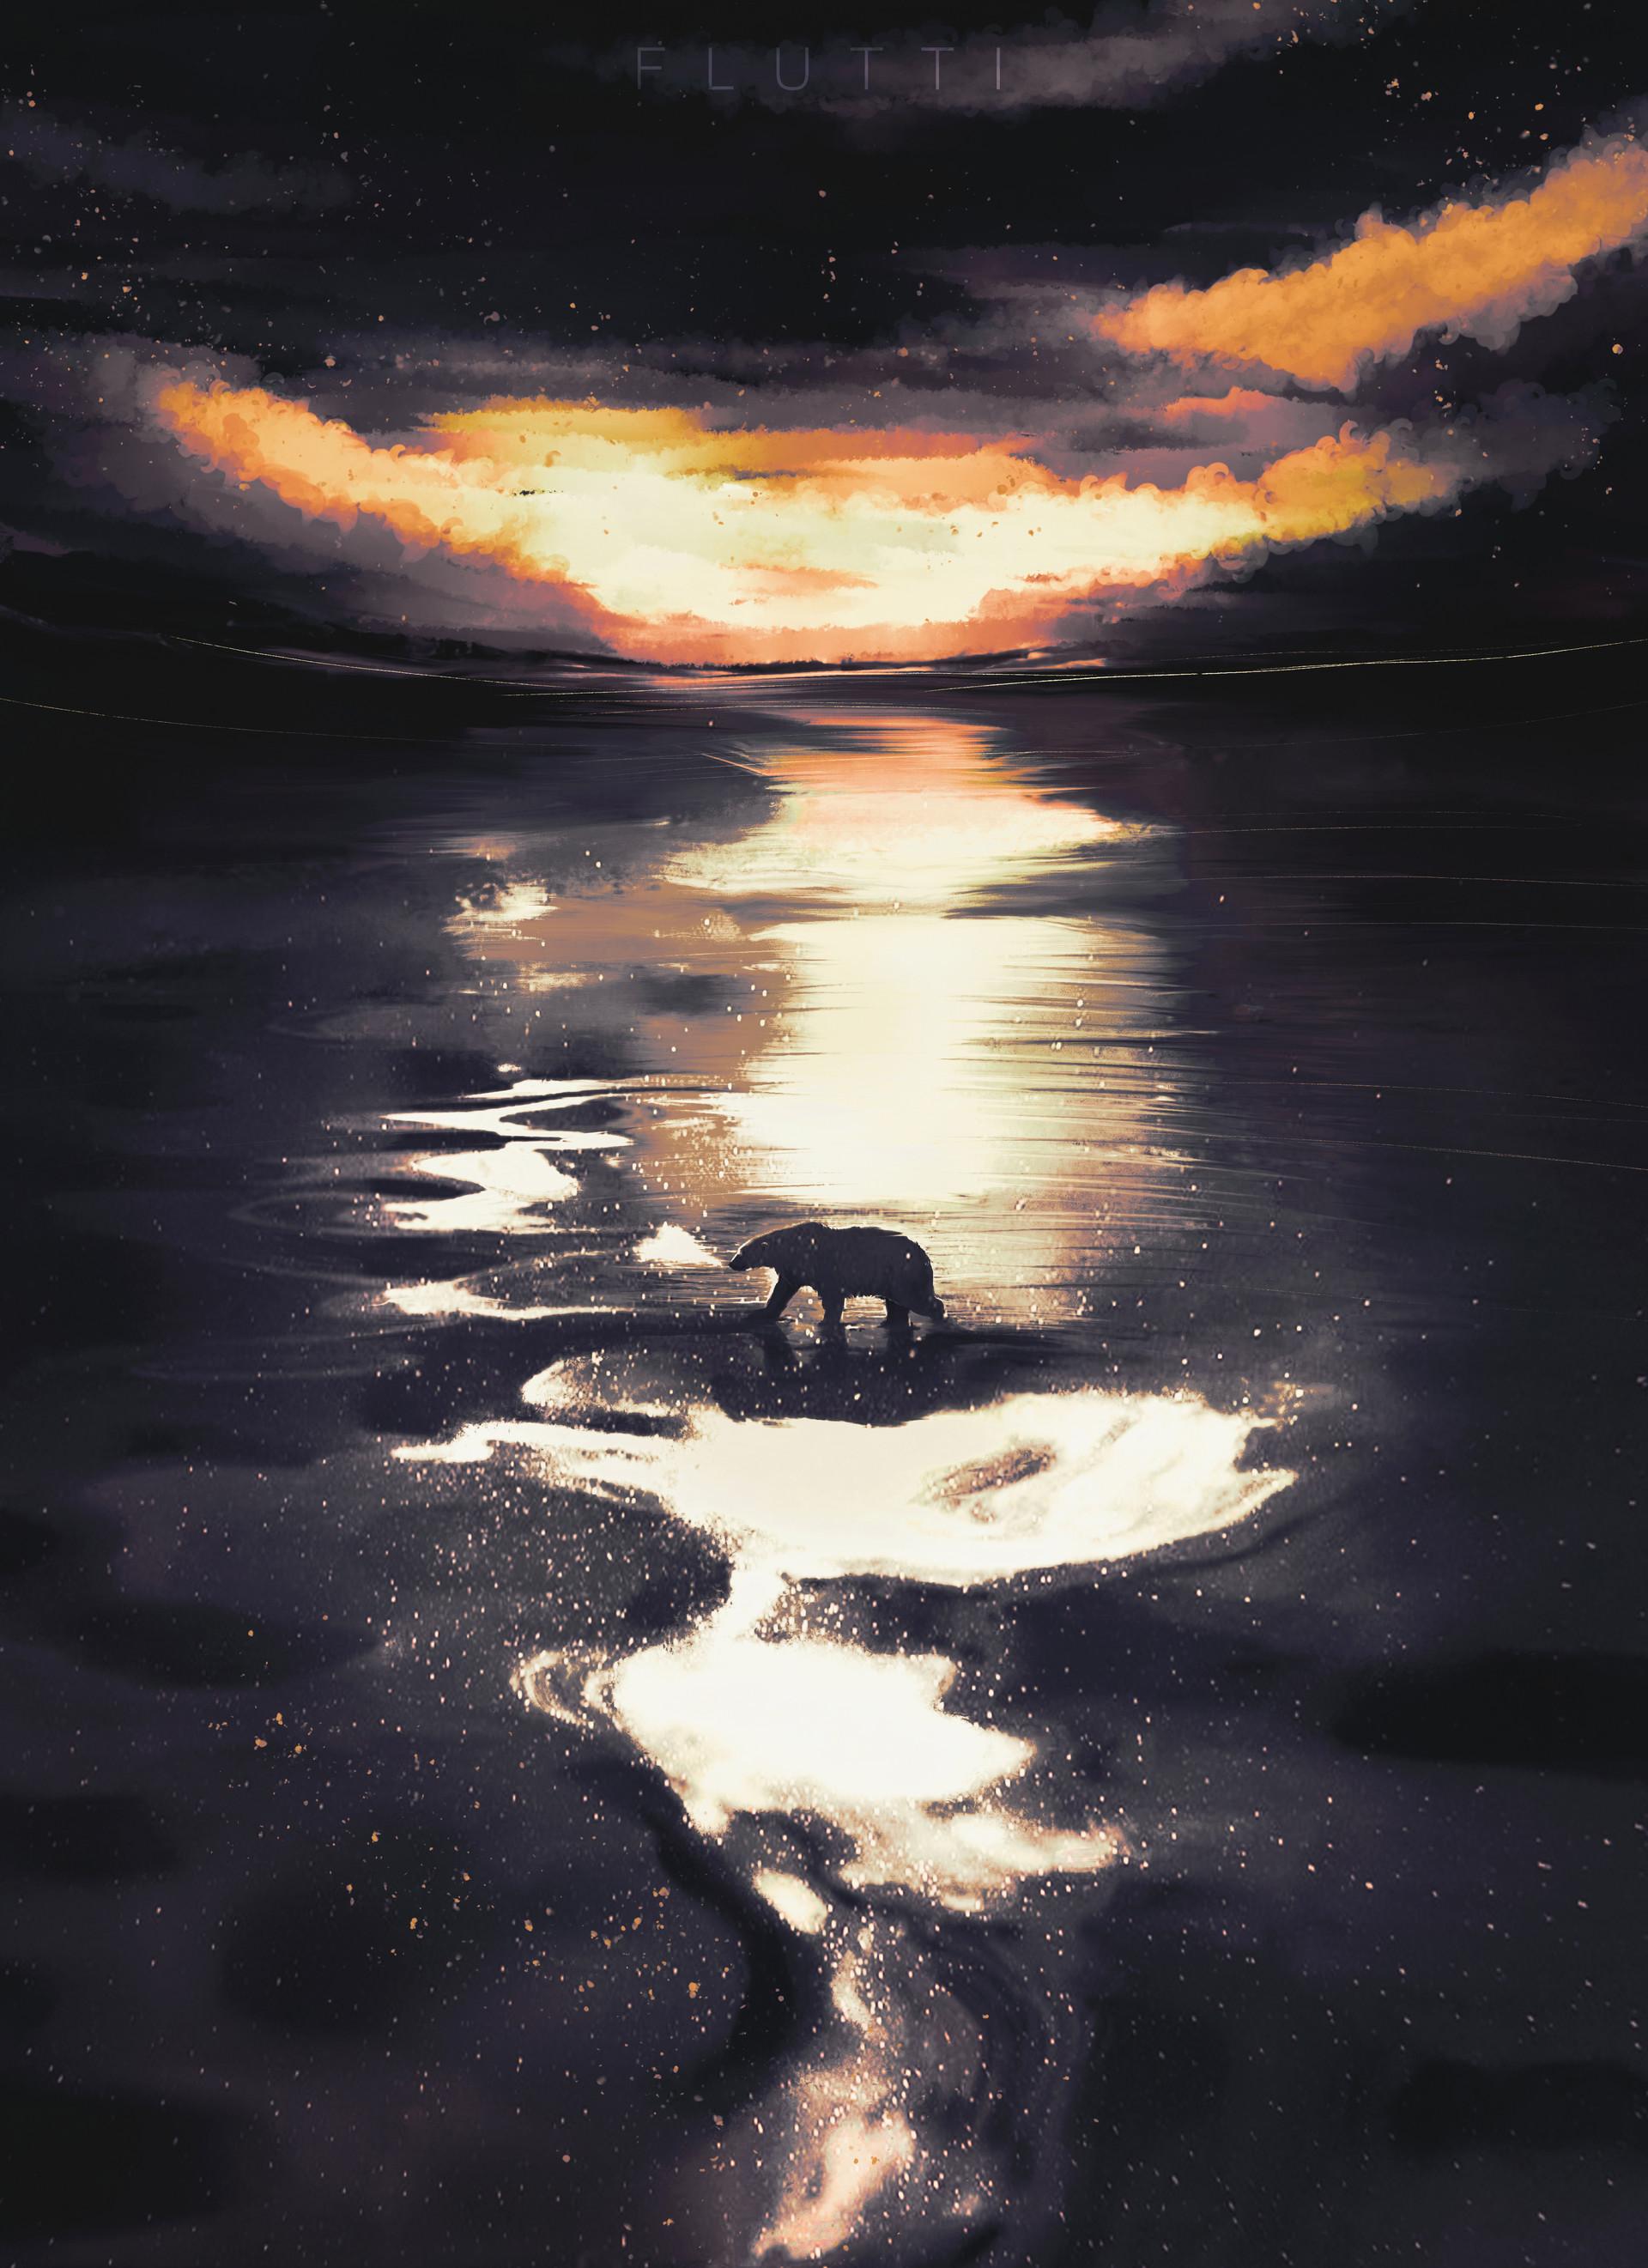 72779 скачать обои Белый Медведь, Медведь, Сумерки, Дикая Природа, Арт - заставки и картинки бесплатно